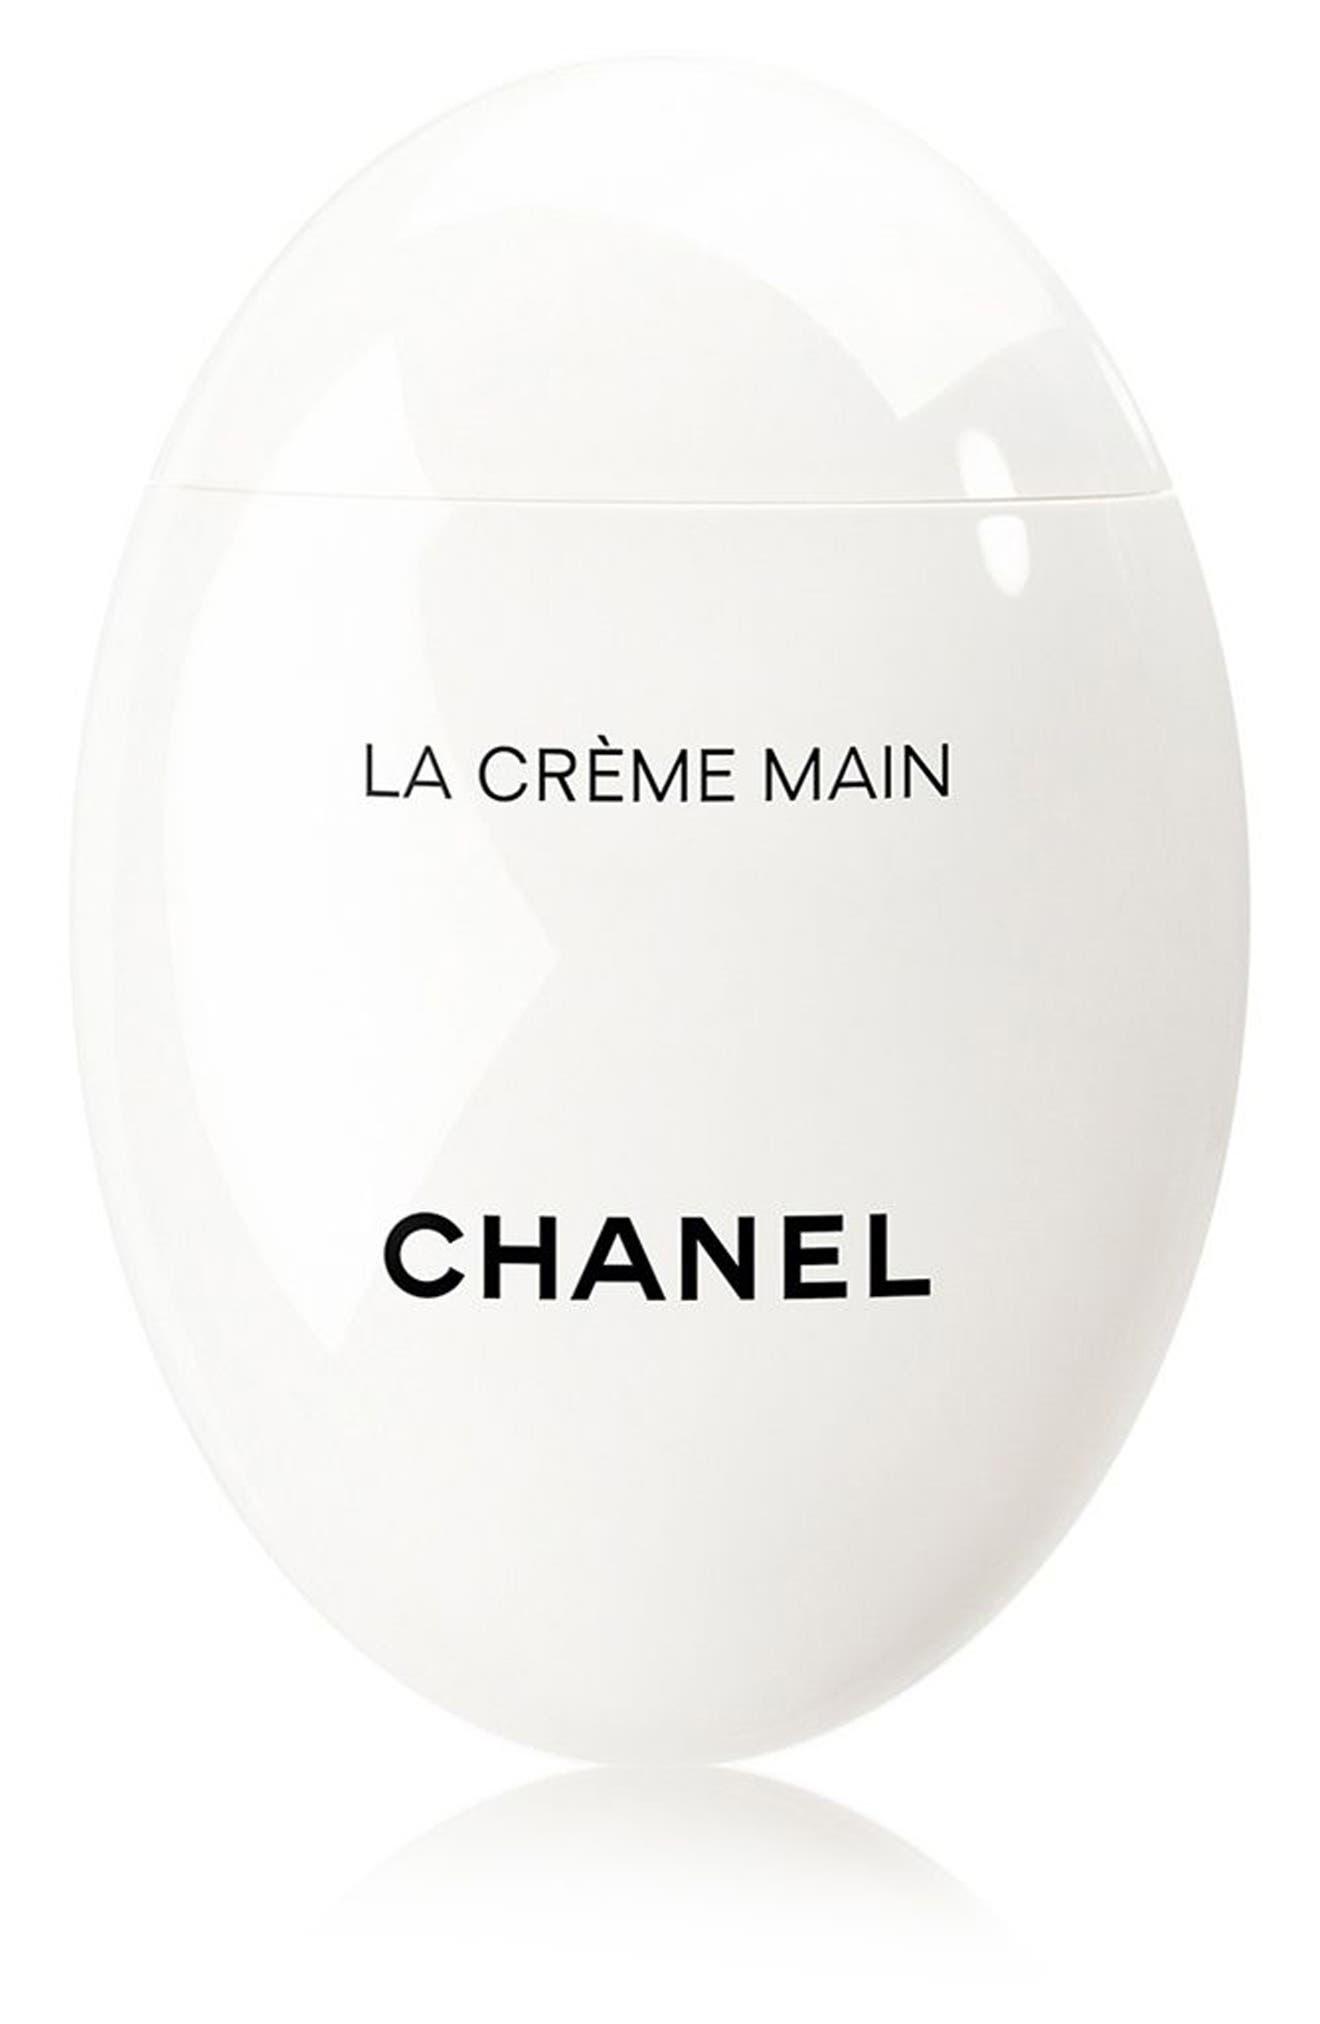 Main Image - CHANEL LA CREME MAIN  Hand Cream